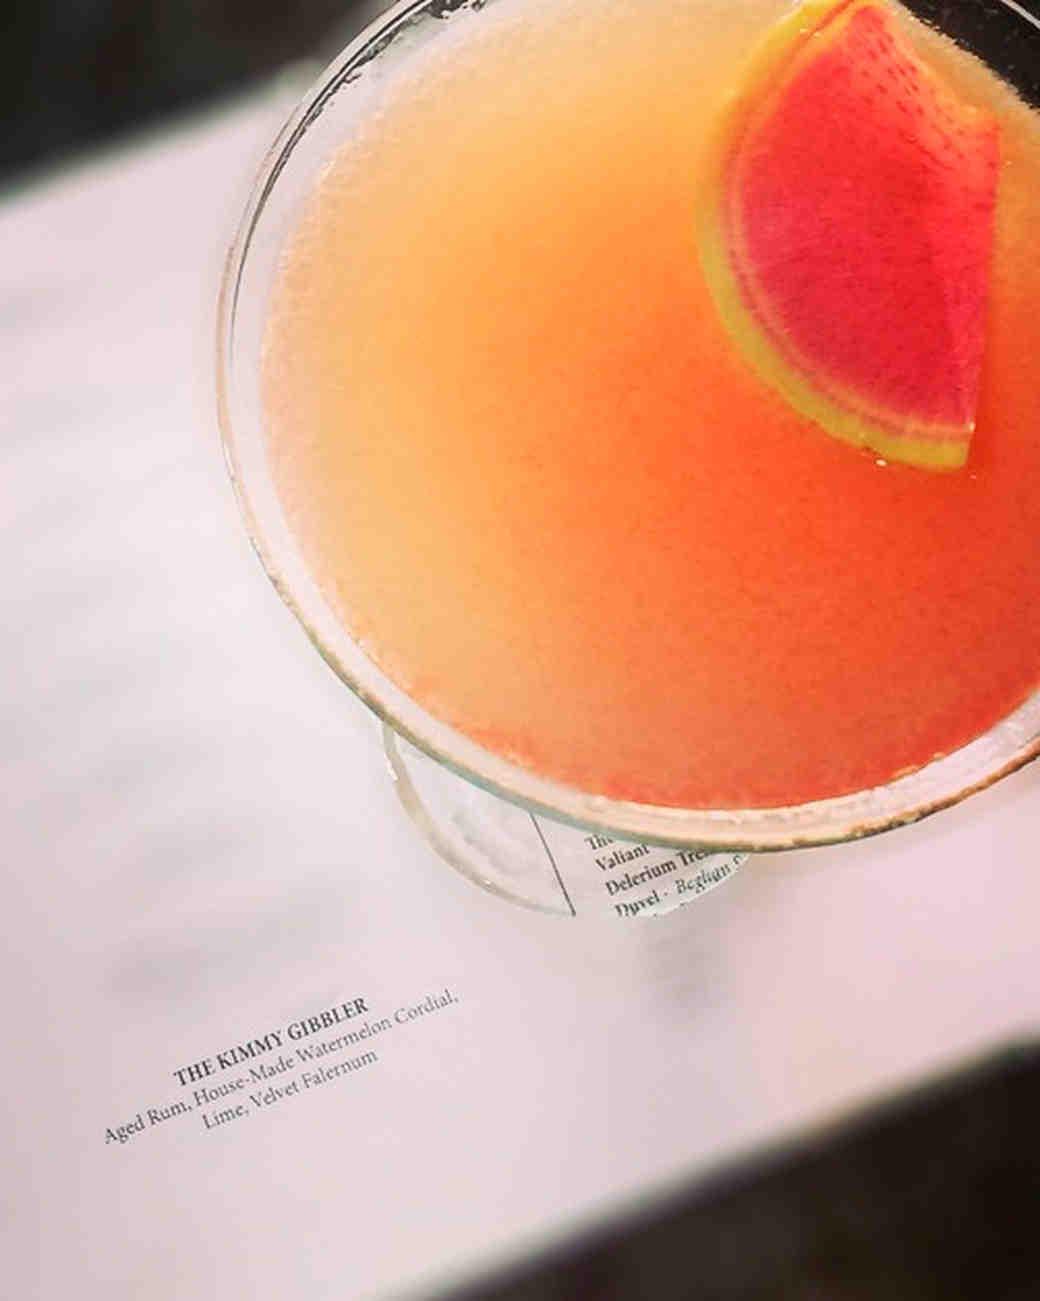 fuller-house-kimmy-gibbler-drink-1115.jpg